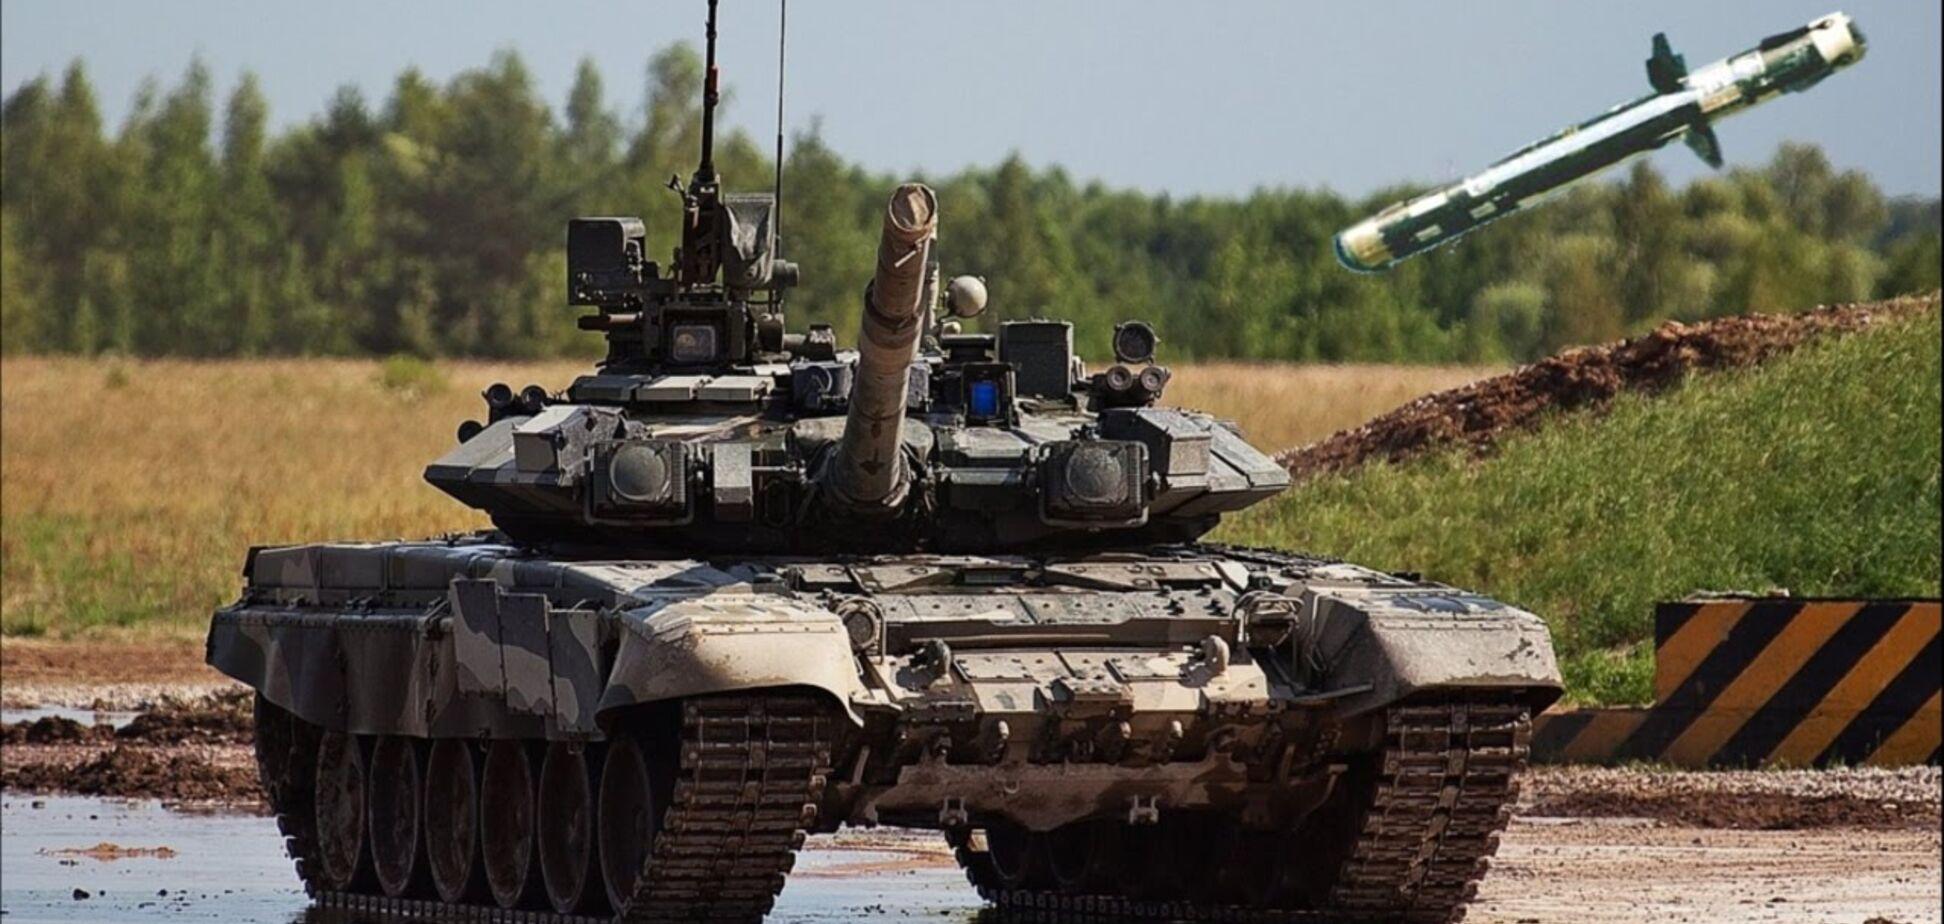 Расстрел за летальное оружие? В России спрогнозировали реакцию Кремля